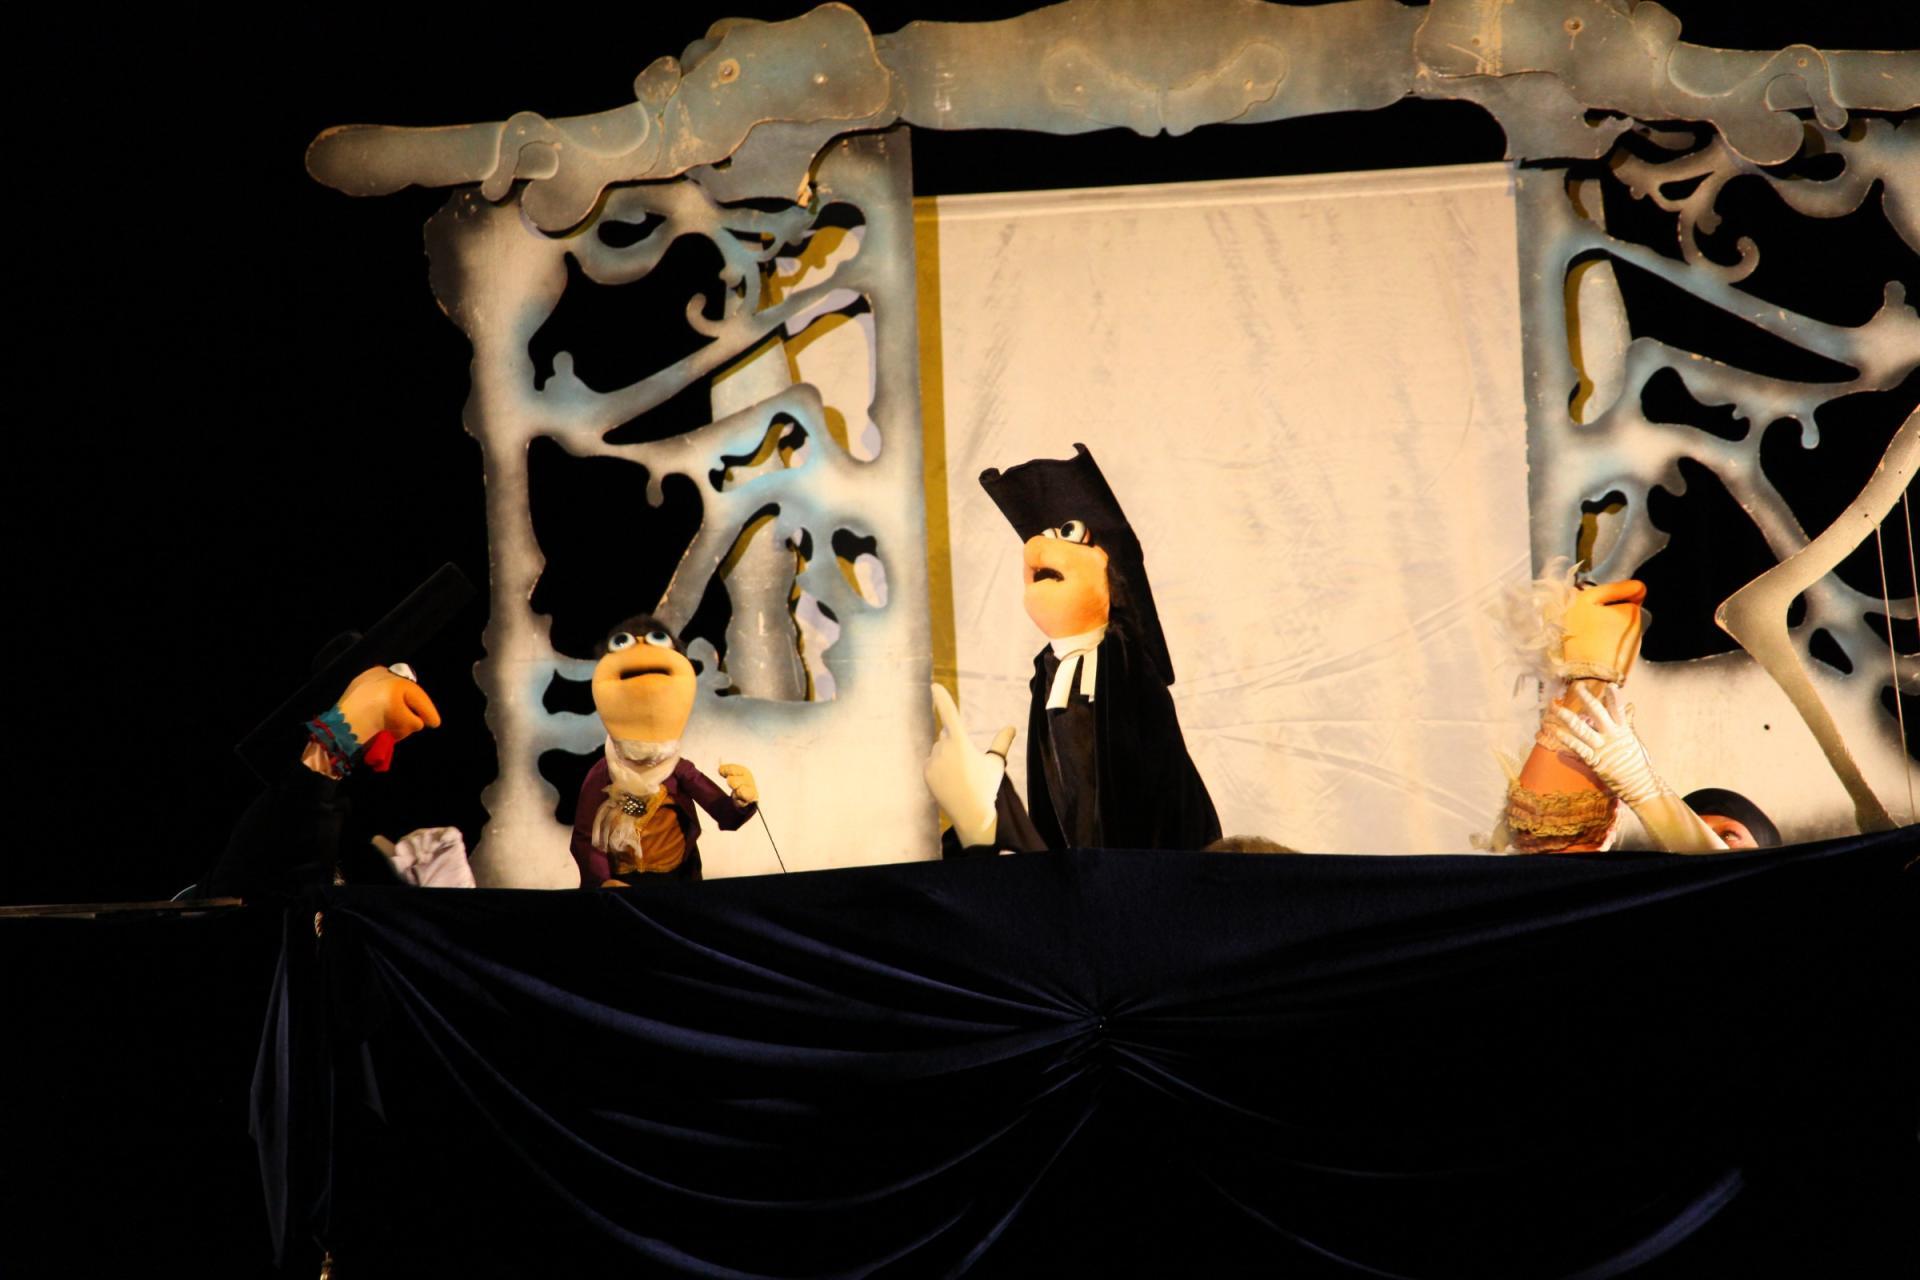 Şəkidə gürcü teatrının balacalar üçün tamaşası (FOTO) - Gallery Image